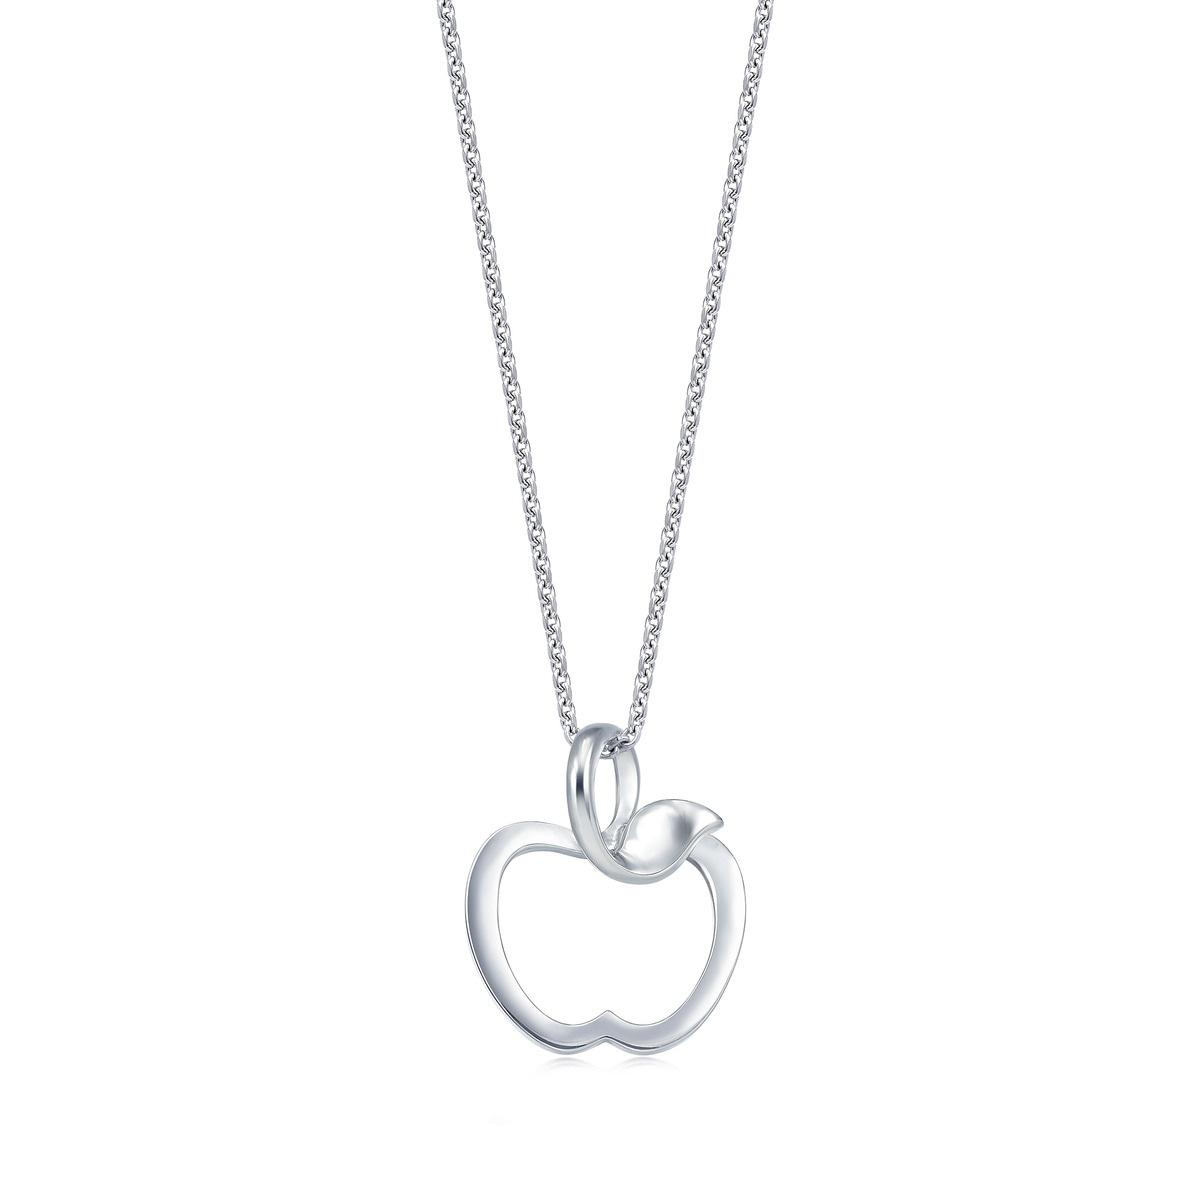 87b46d0e09e7 Love Décodé 950 Platinum Pendant | Chow Sang Sang Jewellery eShop